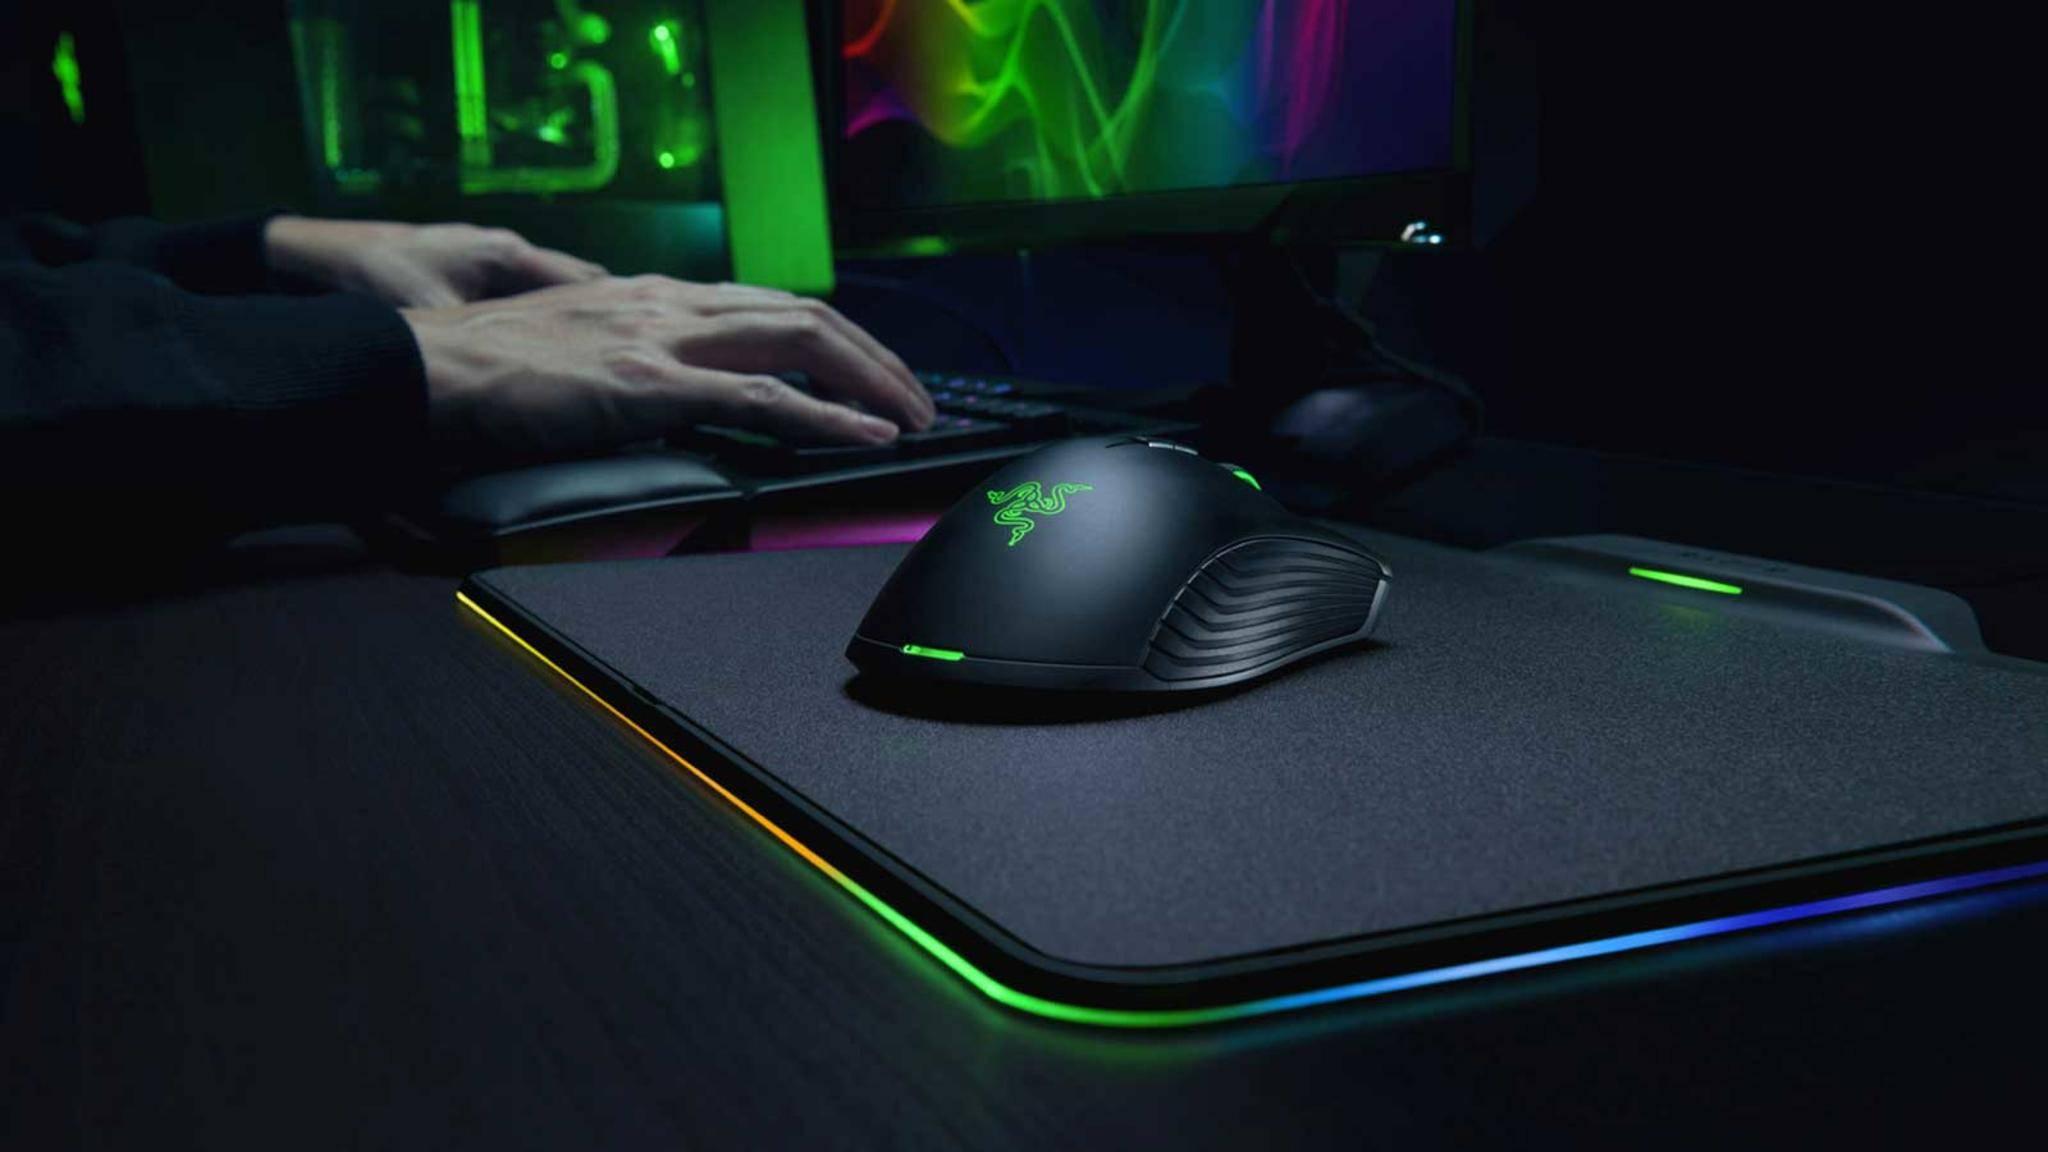 Razer arbeitet offenbar mit Microsoft an präziser Steuerung per Maus für die Xbox One.